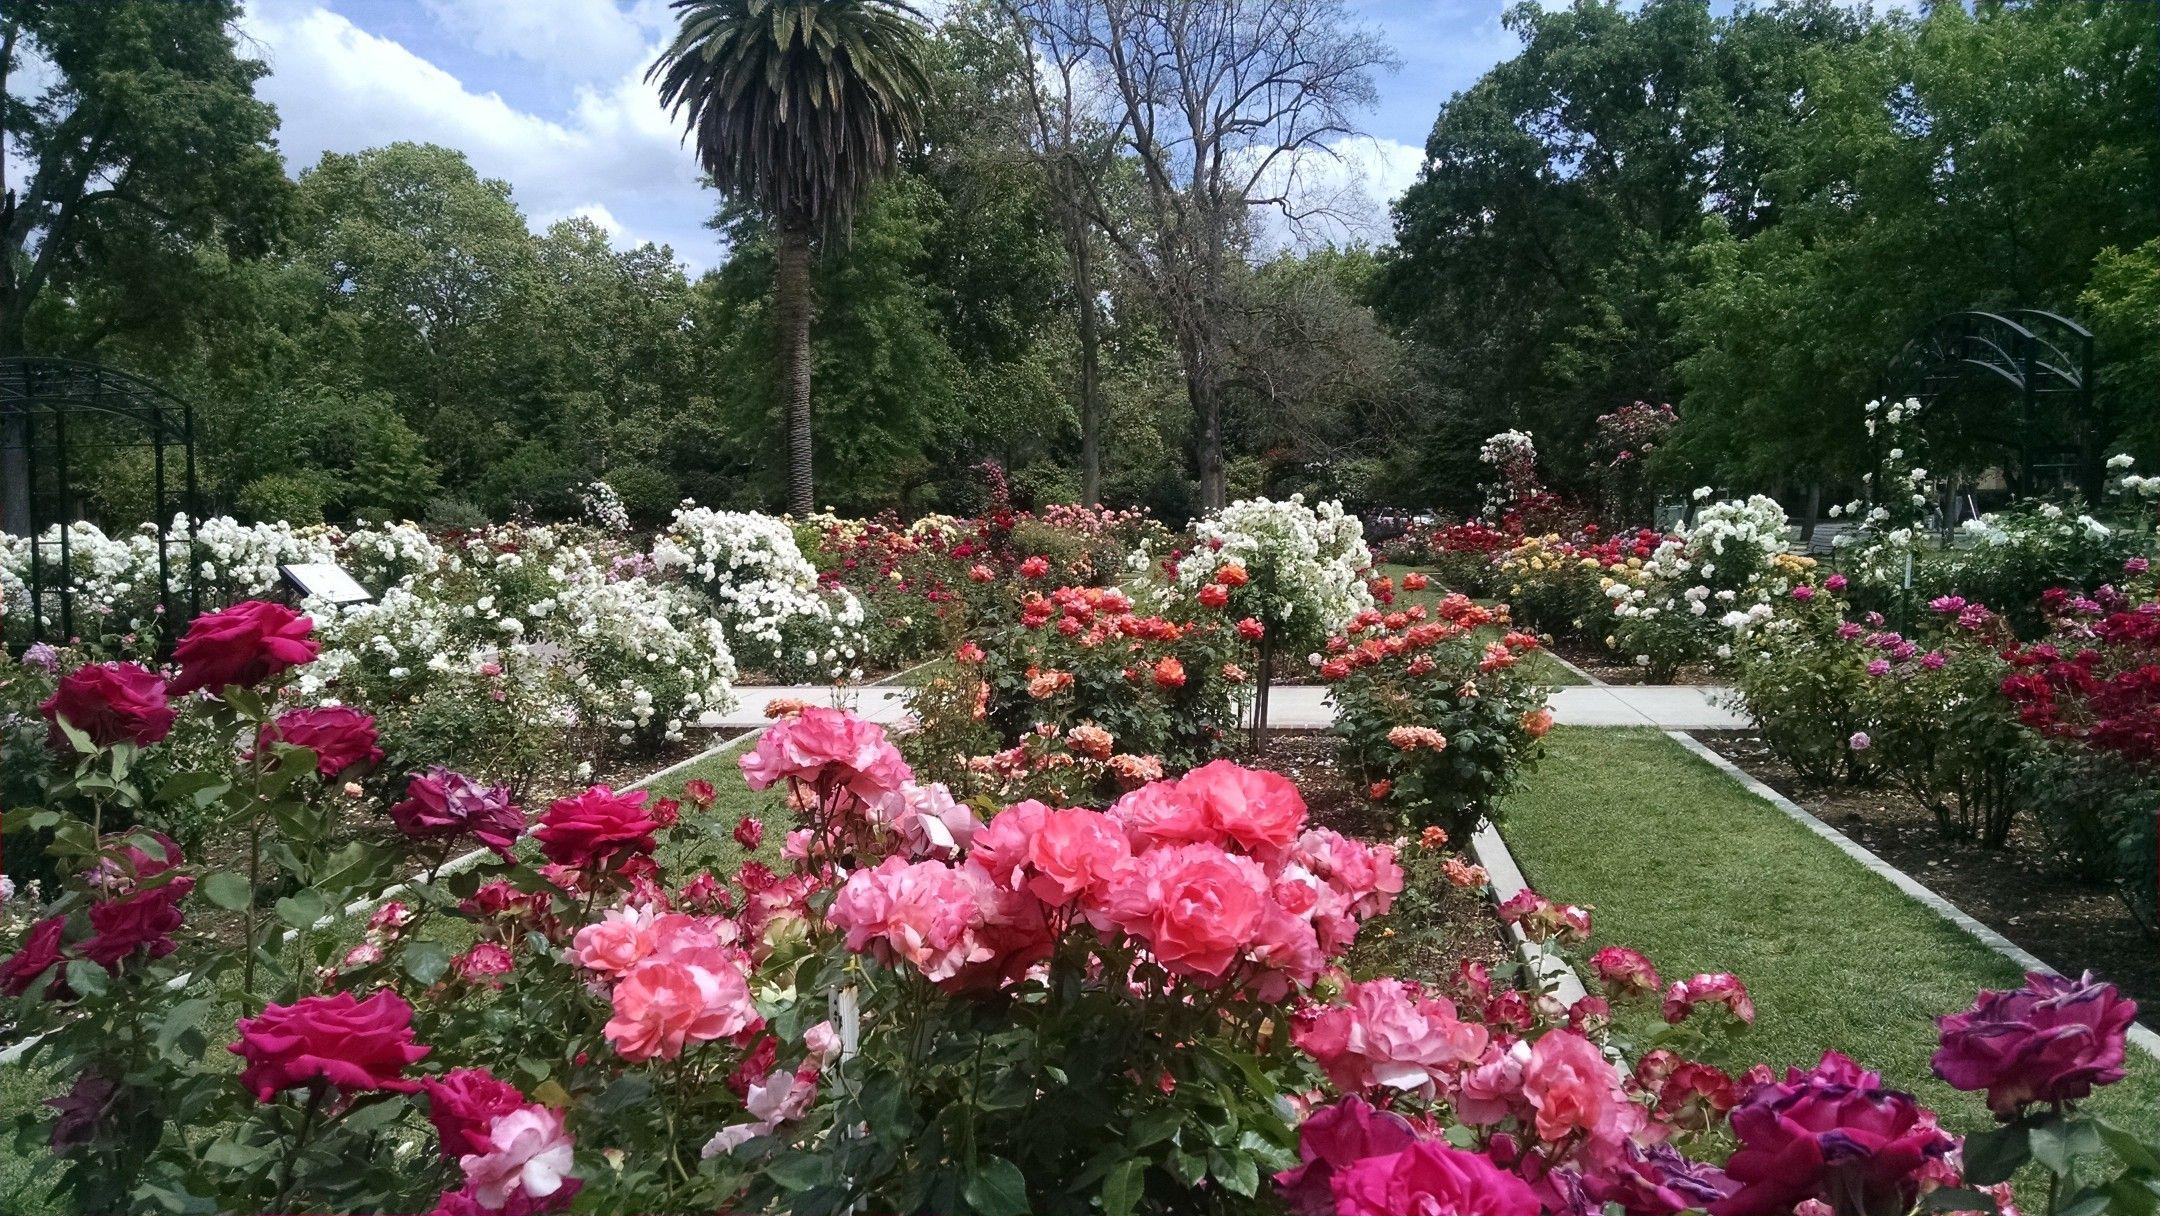 McKinley Park rose garden Sacramento | California - Been There, Done ...